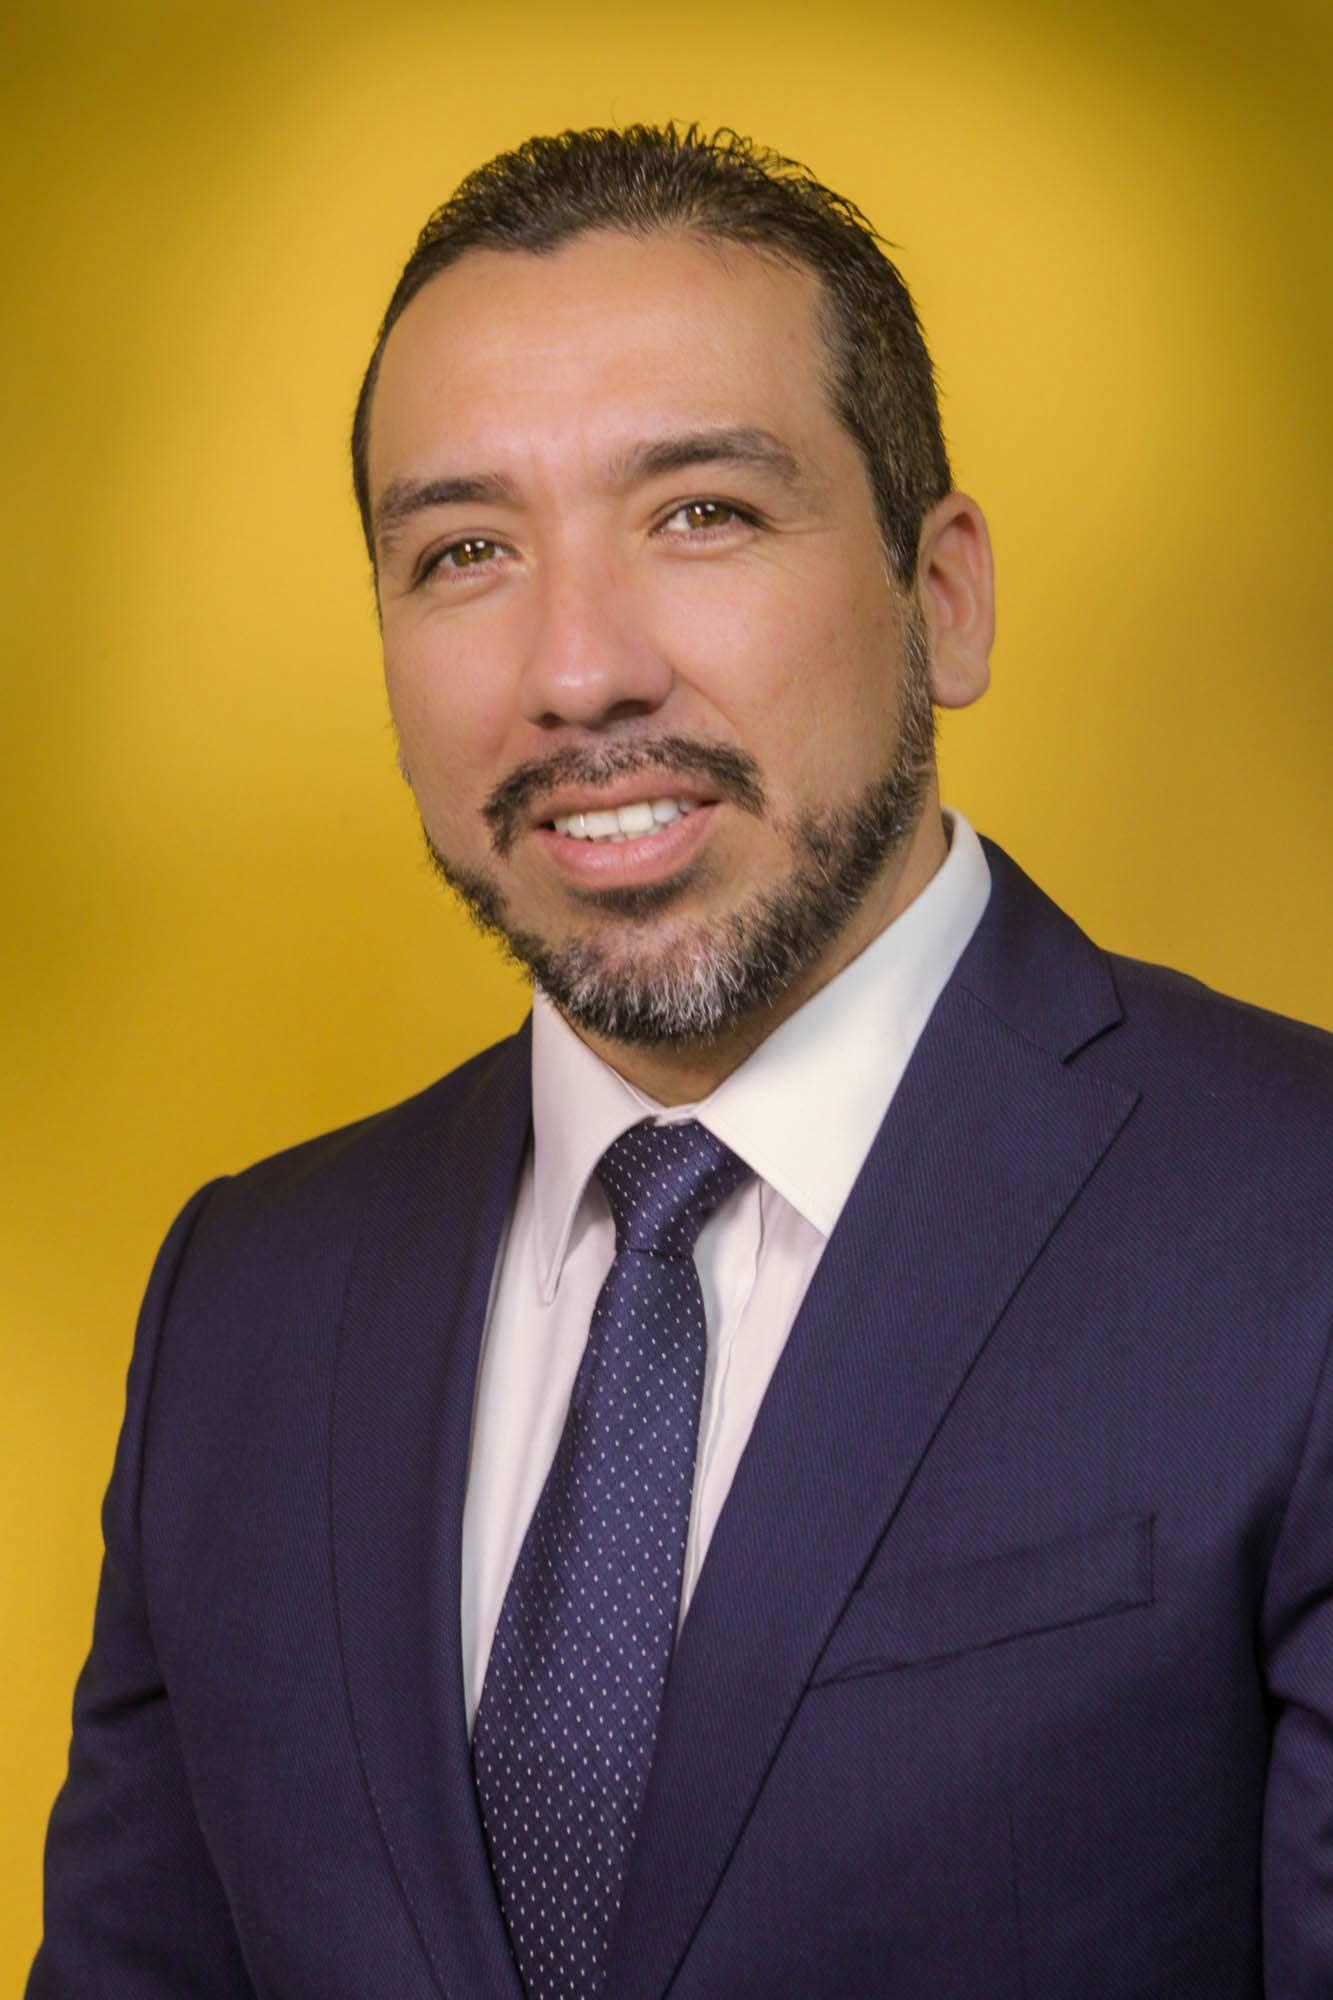 Sam Galvez